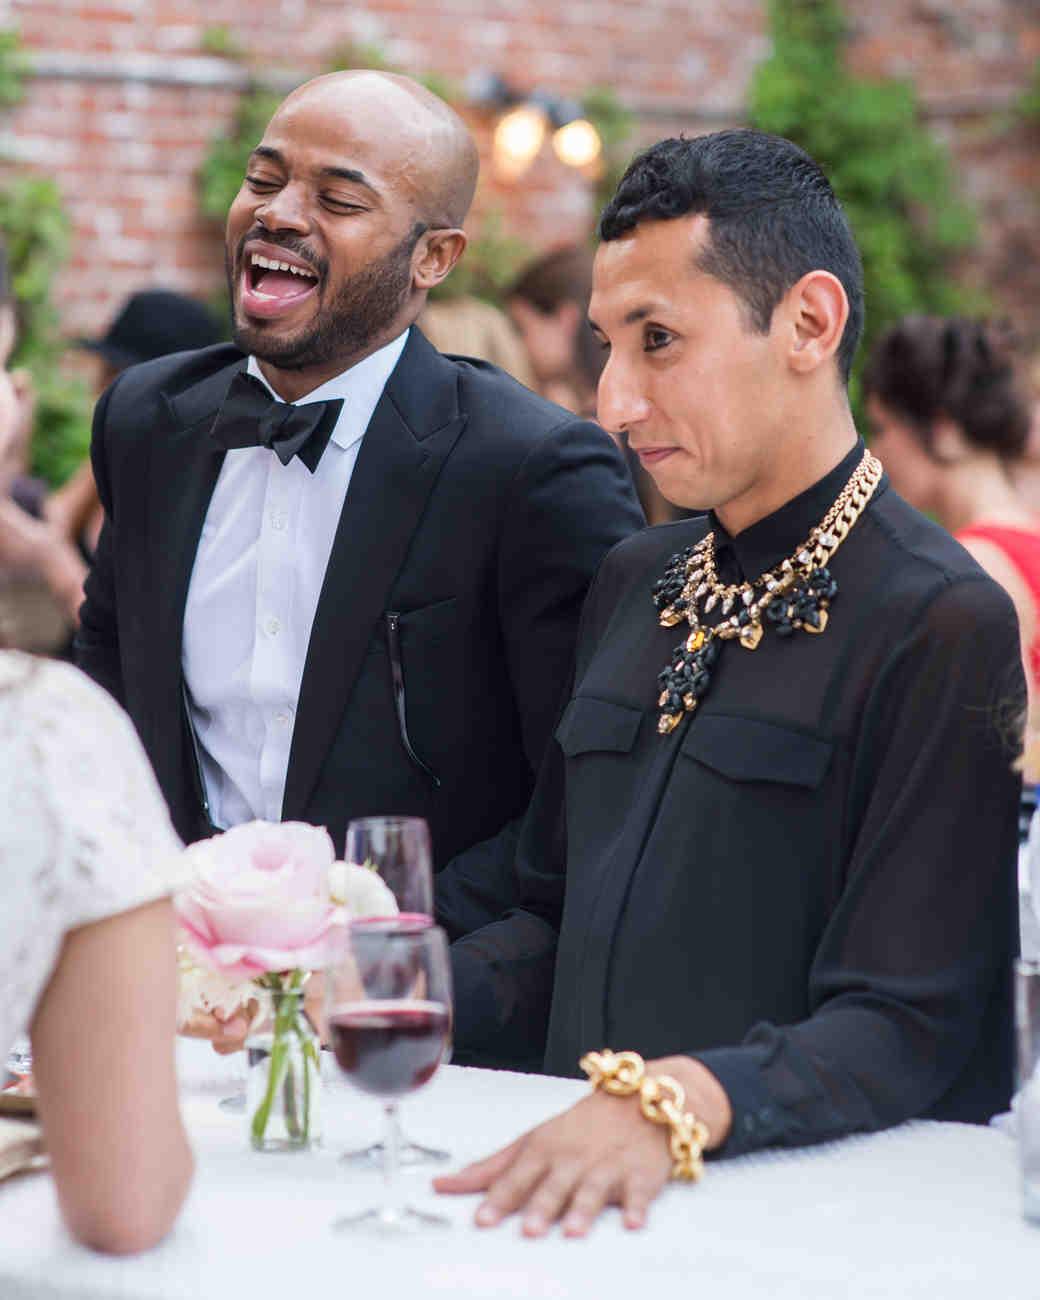 caitlin-michael-wedding-guests-441-s111835-0415.jpg